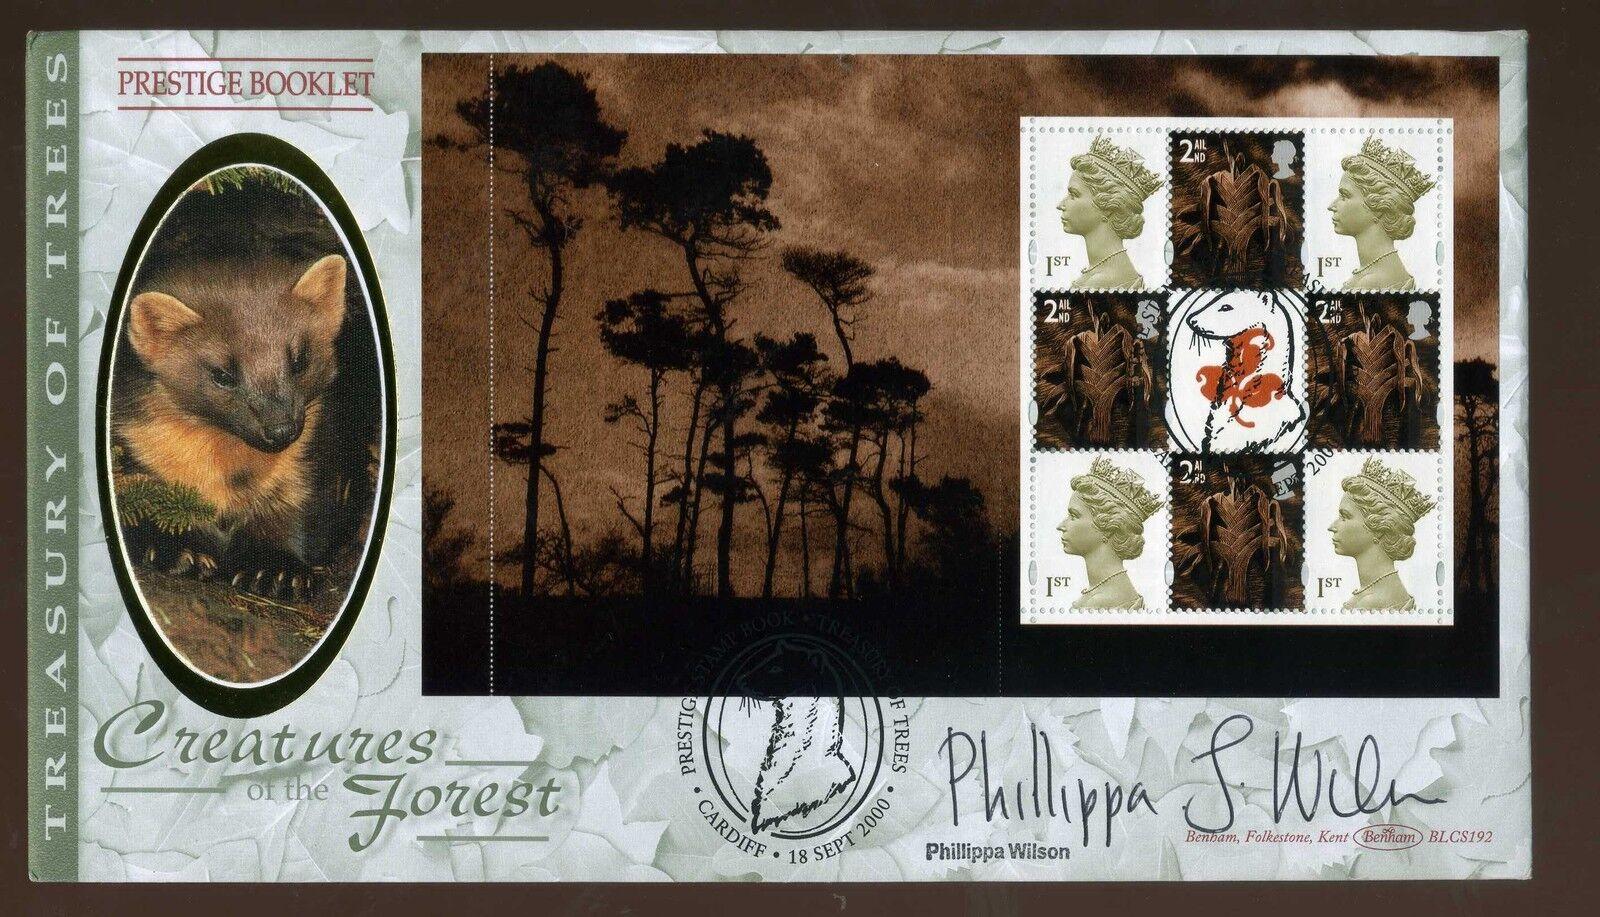 Phillippa Wilson